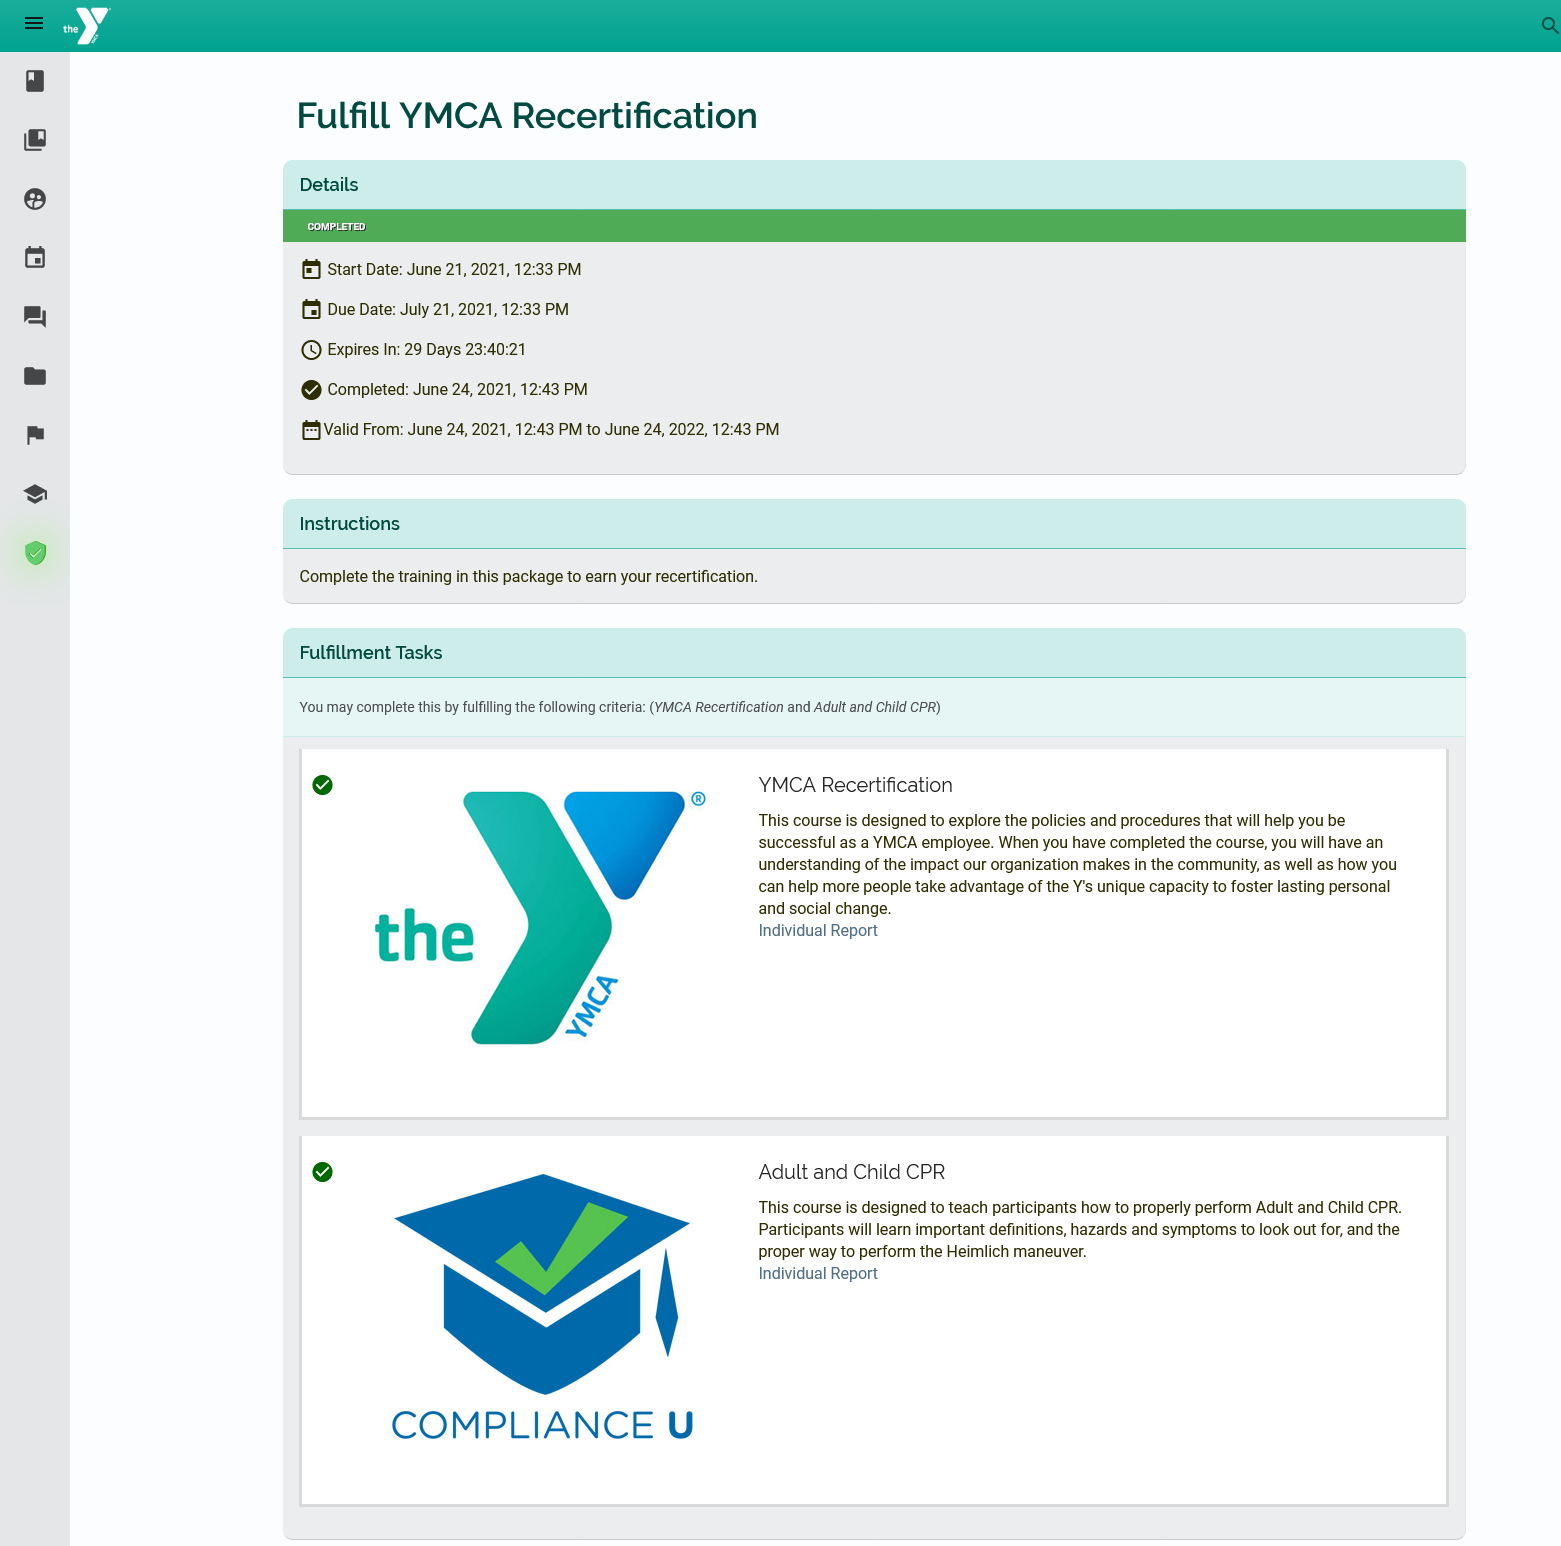 Fulfill YMCA Recertification